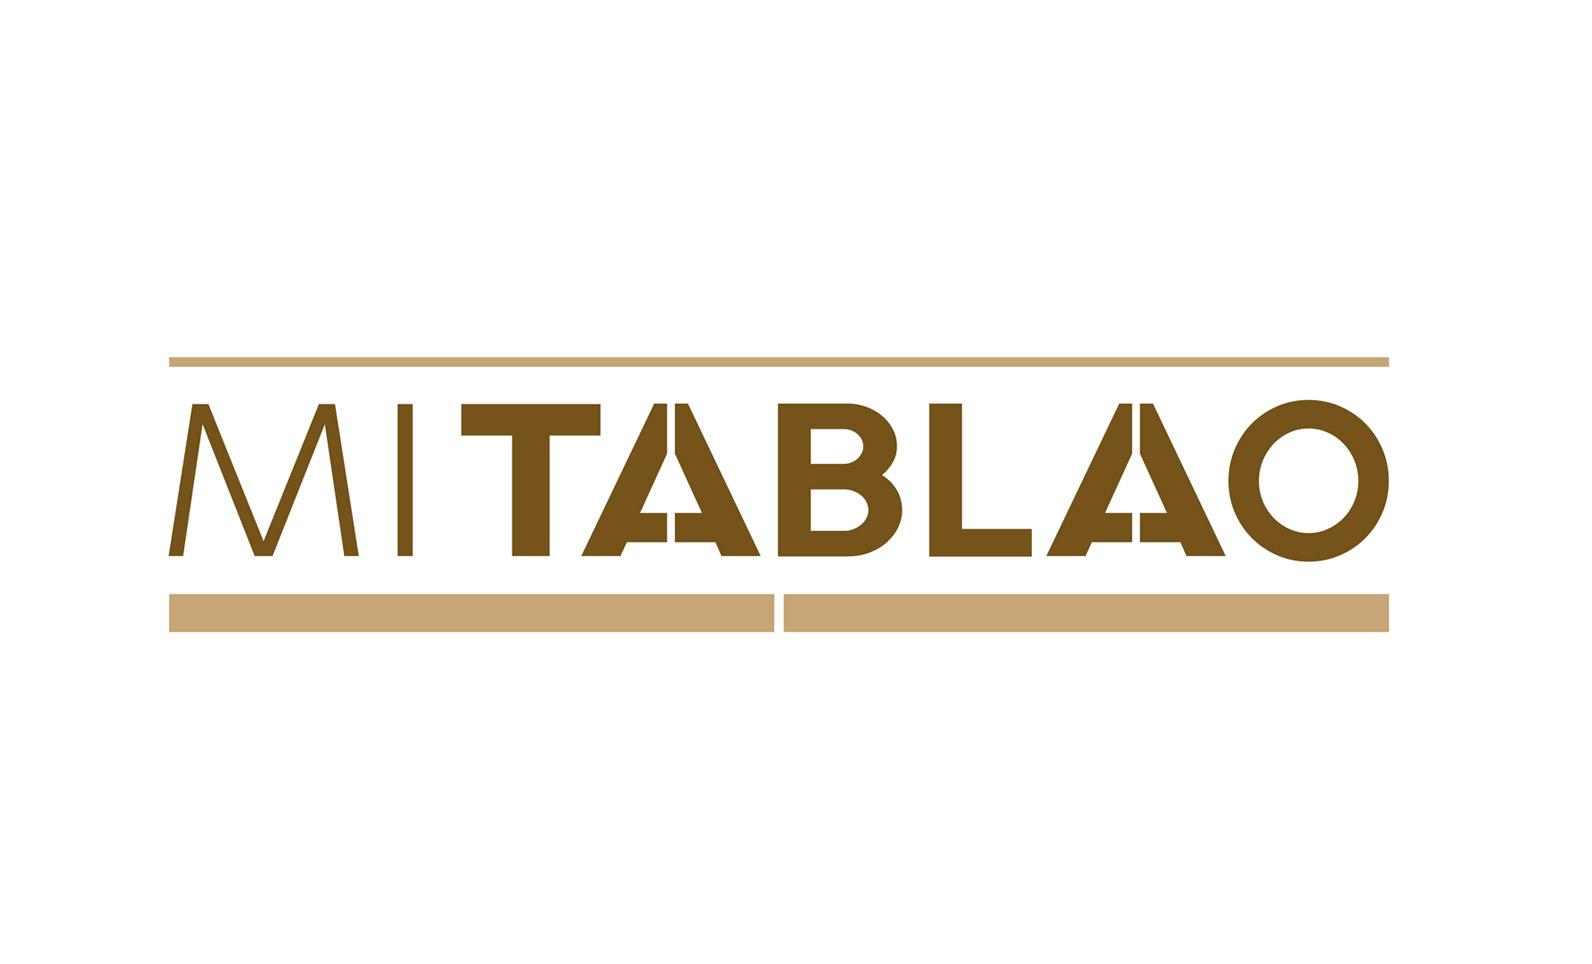 Mi Tablao